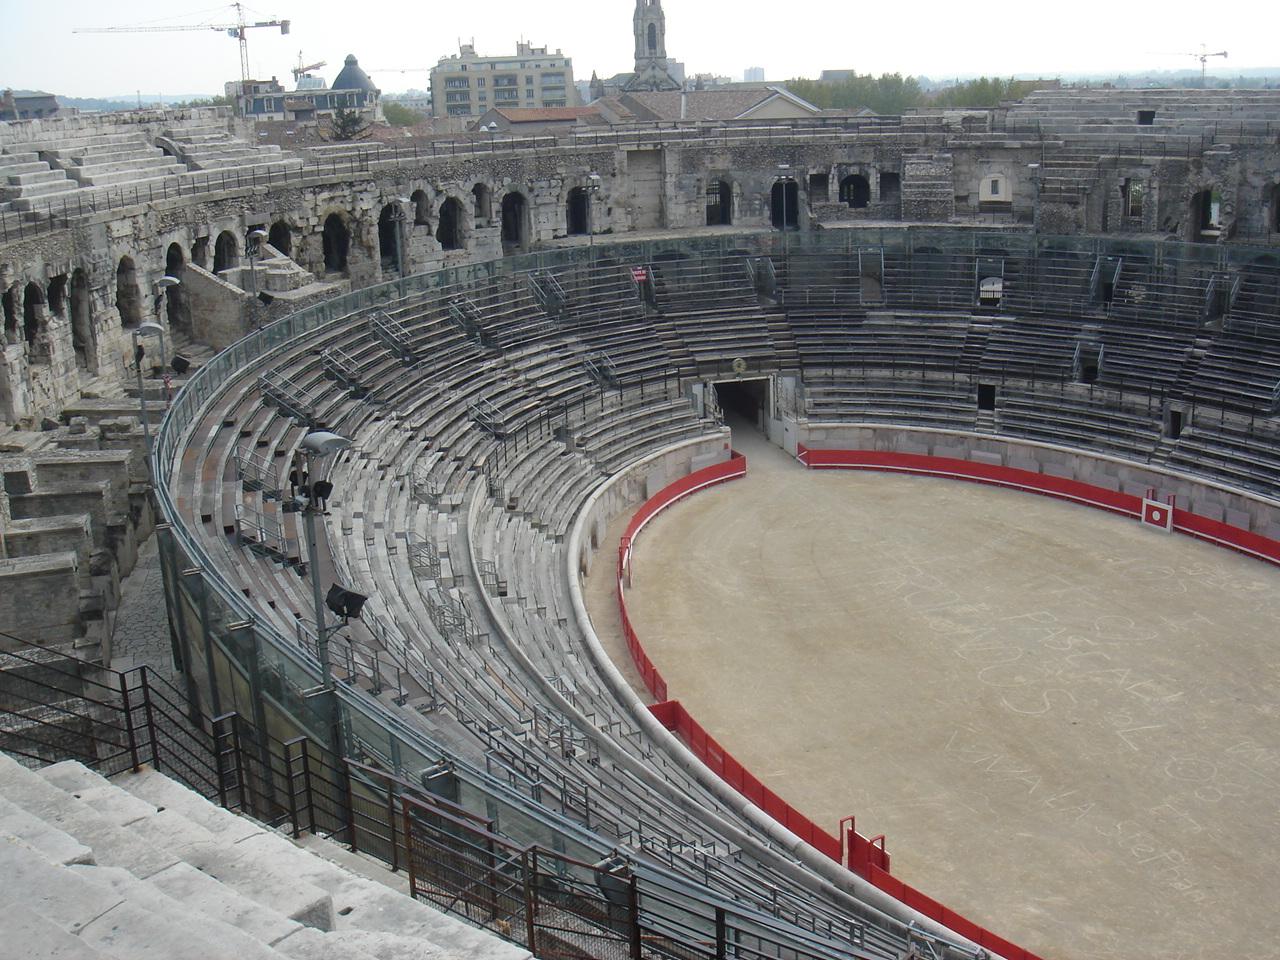 arenele romane Nimes